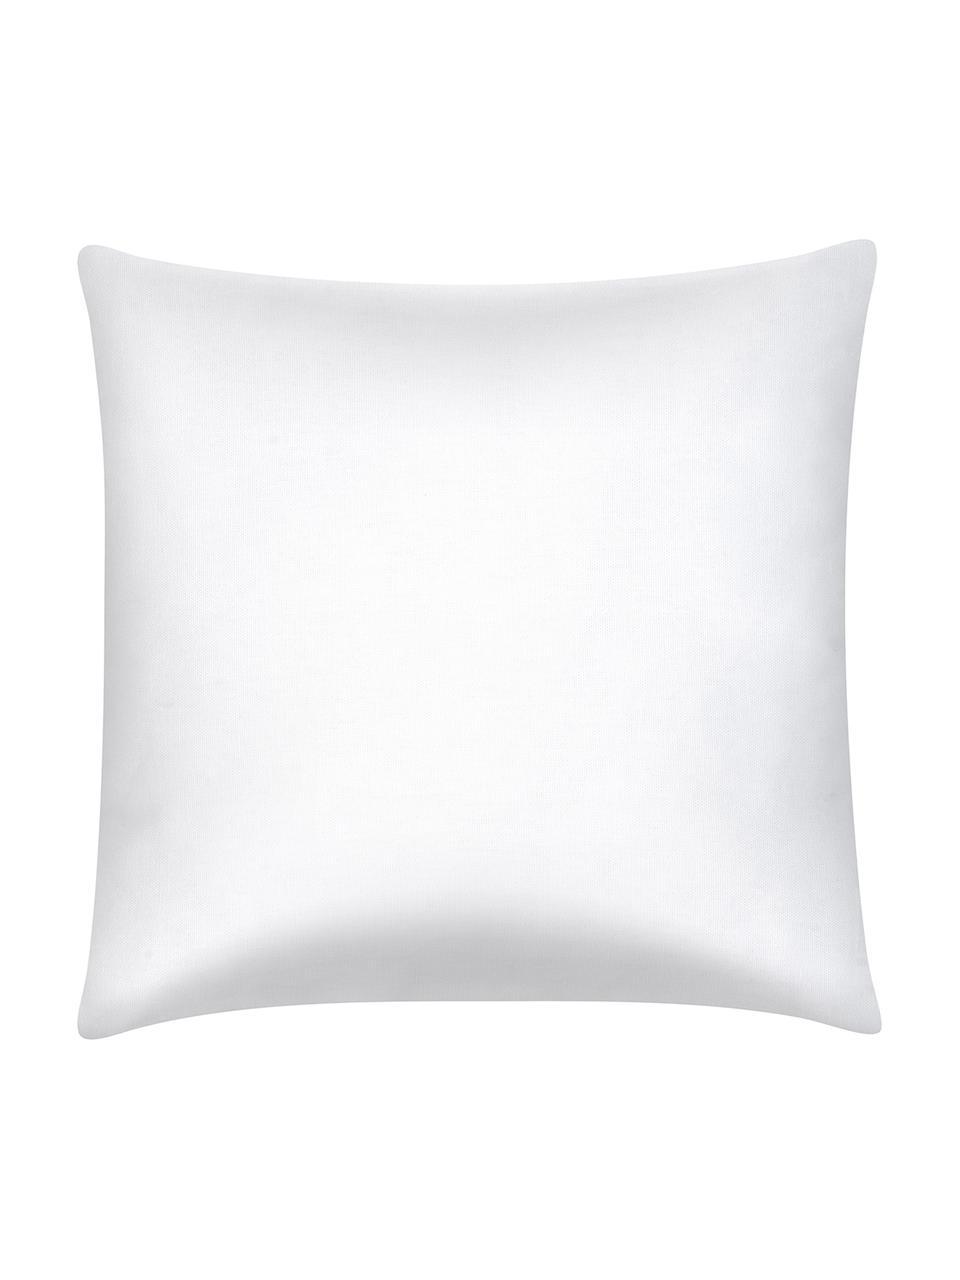 Housse de coussin pur coton imprimé aquarelle Crabby, Bleu, blanc